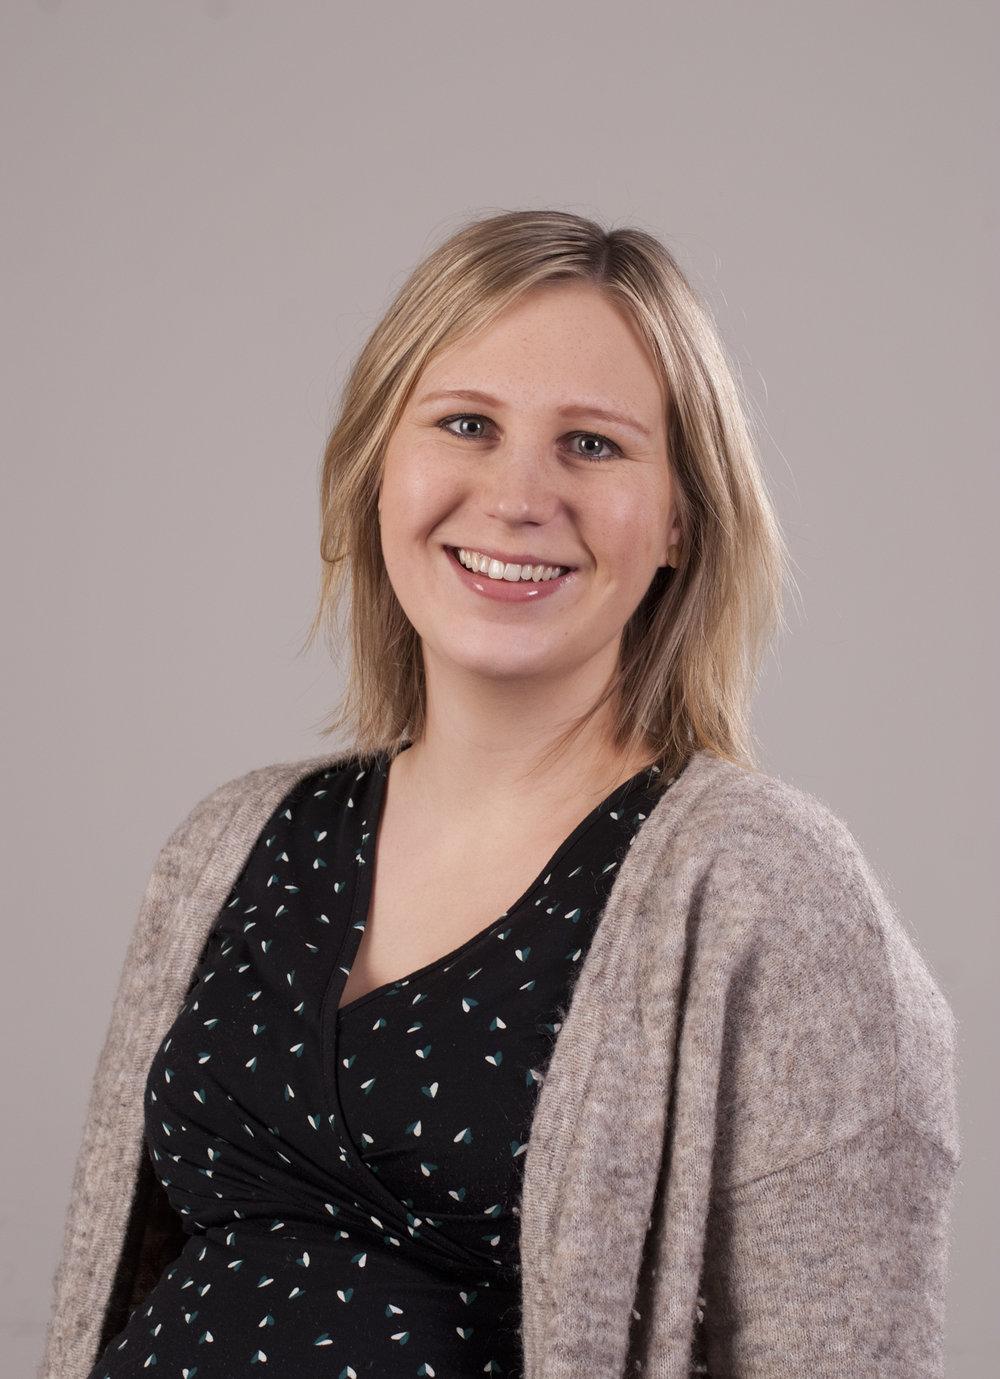 Charlotte Wehus Amundsen   Jobbveileder Oppfølging  +47 948 80 301   charlotte@setpro.no   Arbeidssted: Evje sentrum